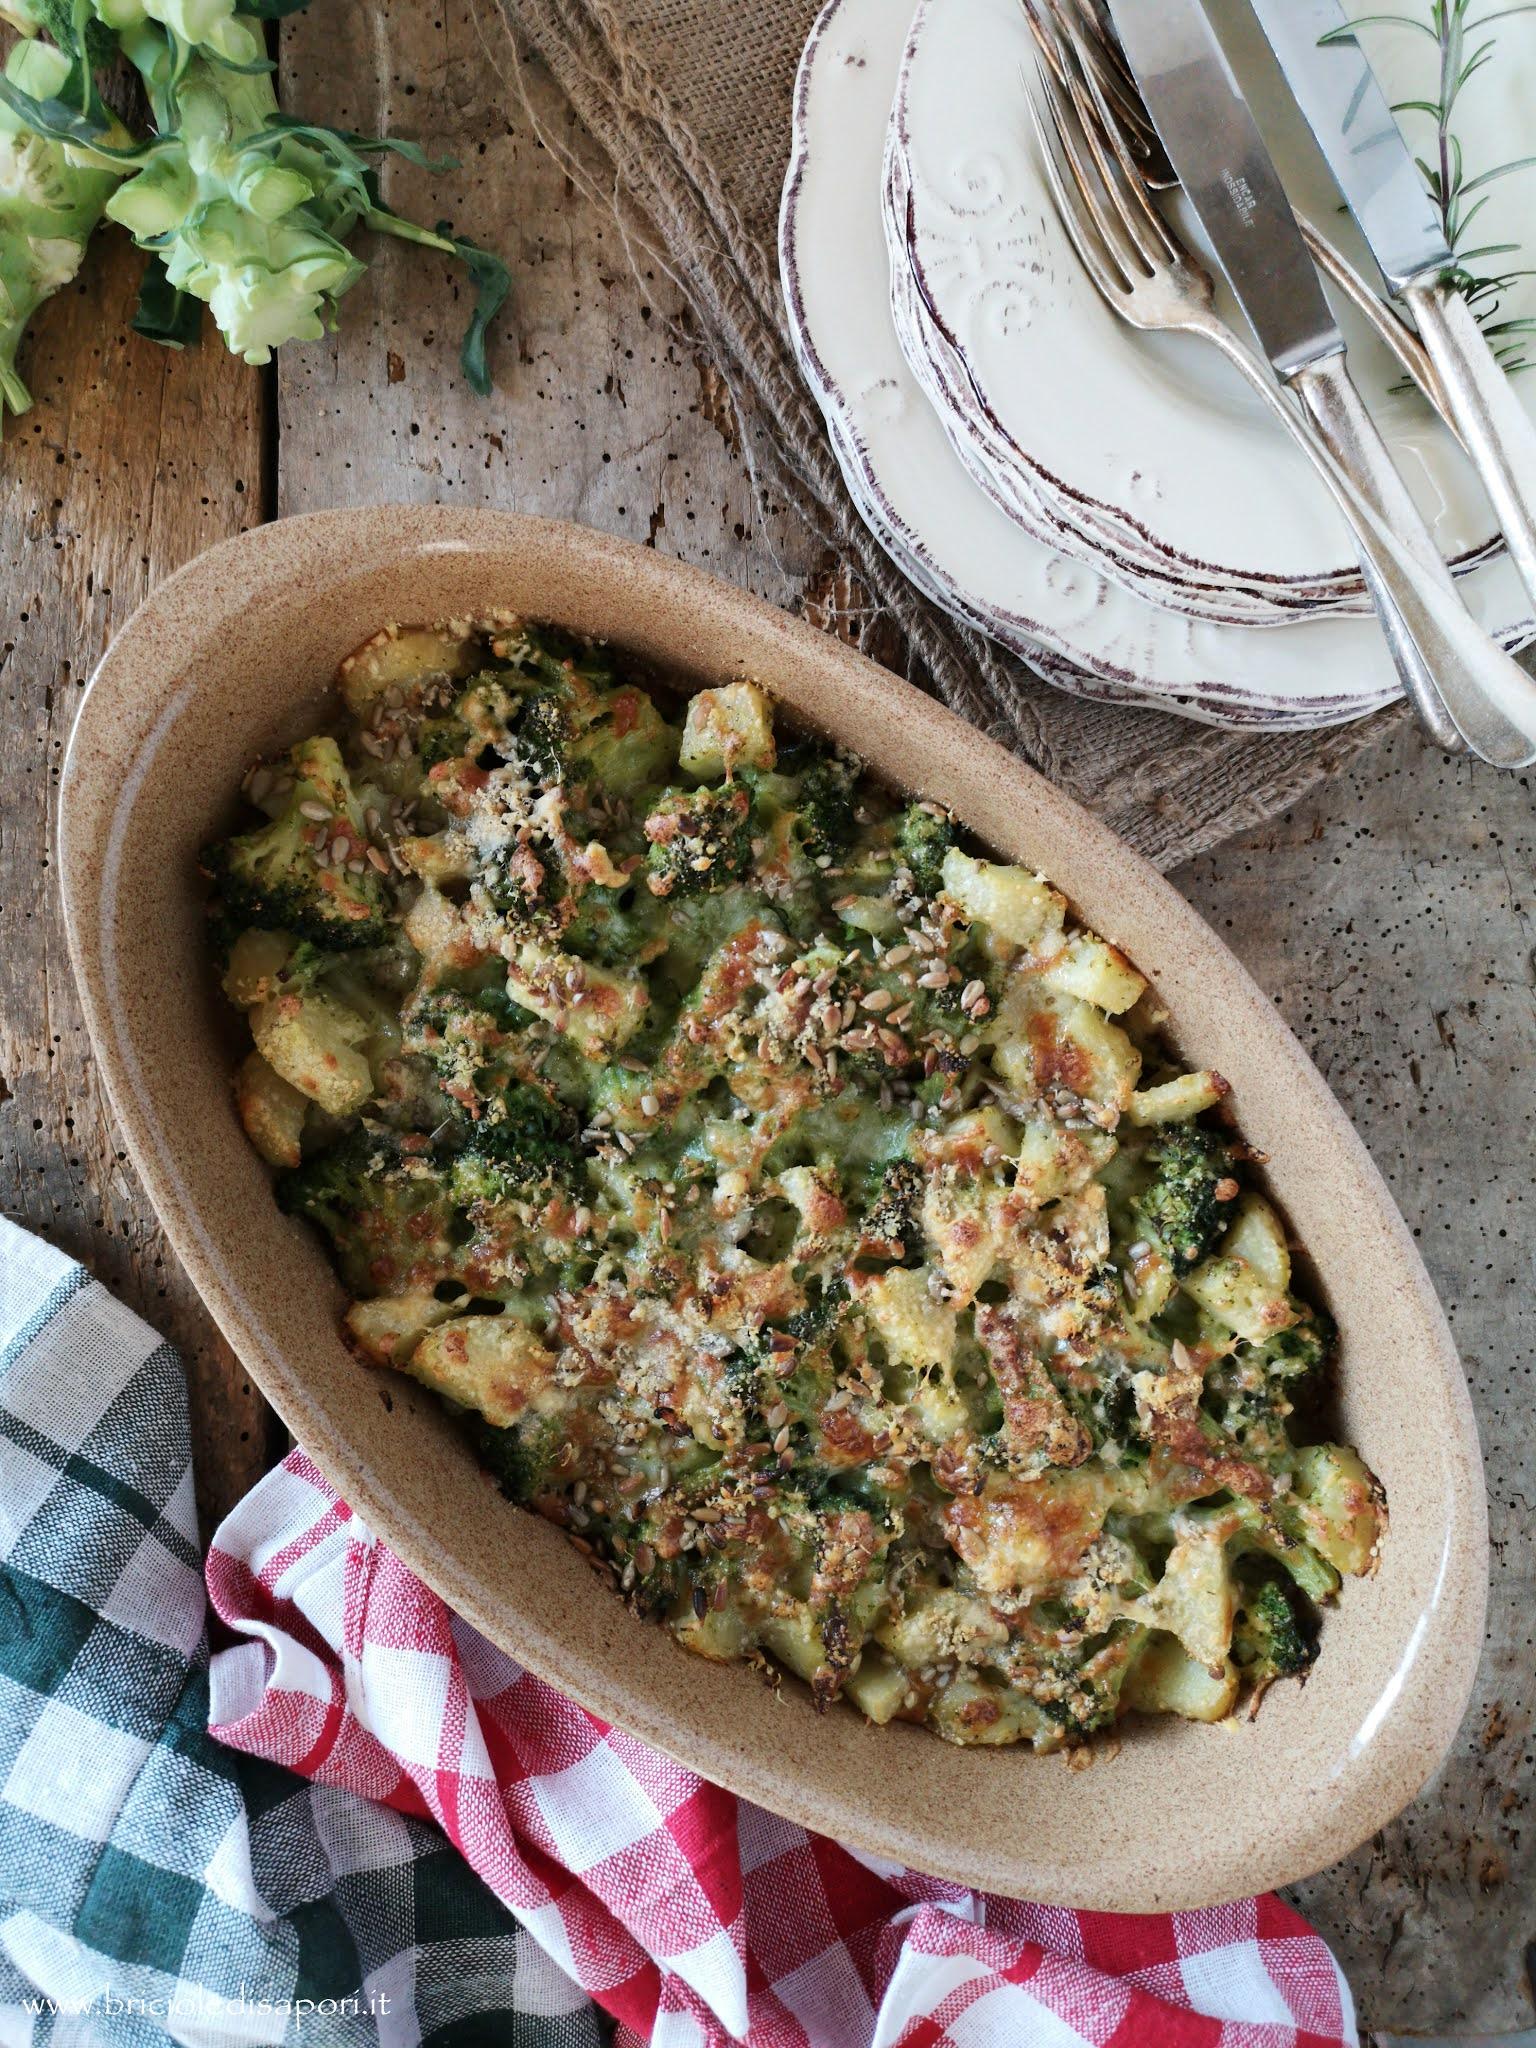 sformato di broccoli e patate con scamorza e semi di girasole